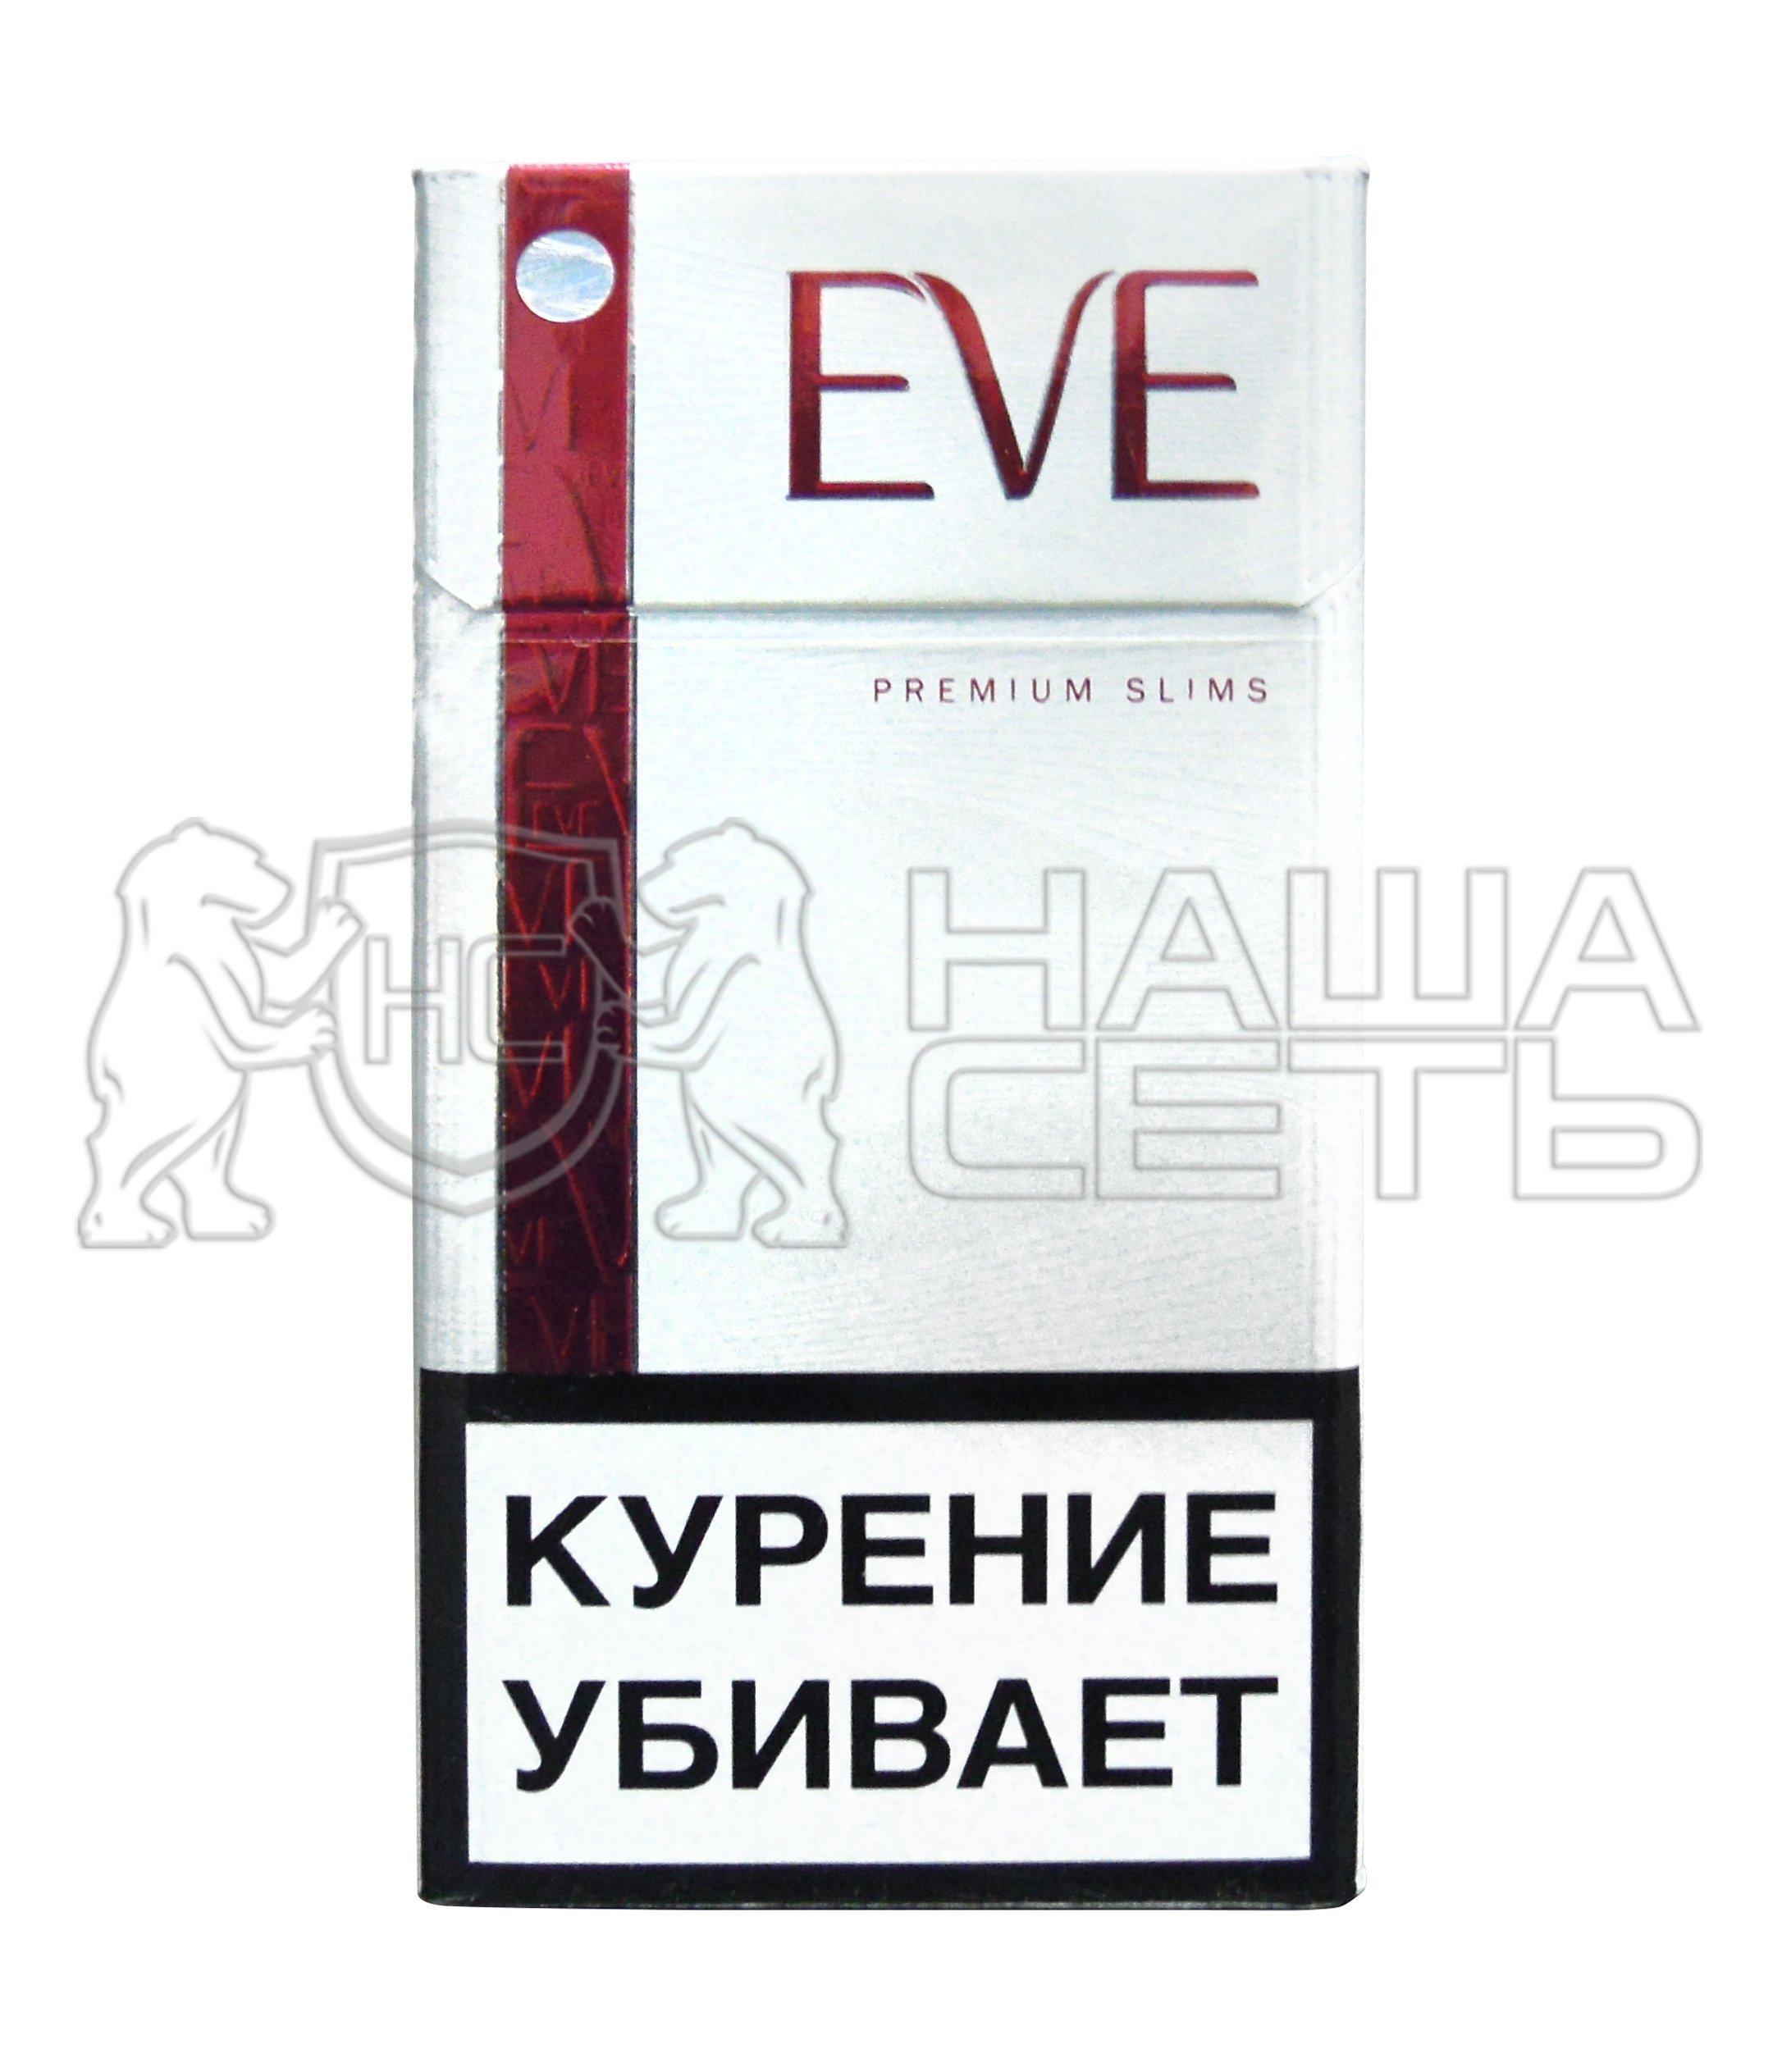 Eve сигареты купить в санкт петербурге сигареты оптом цена в самаре